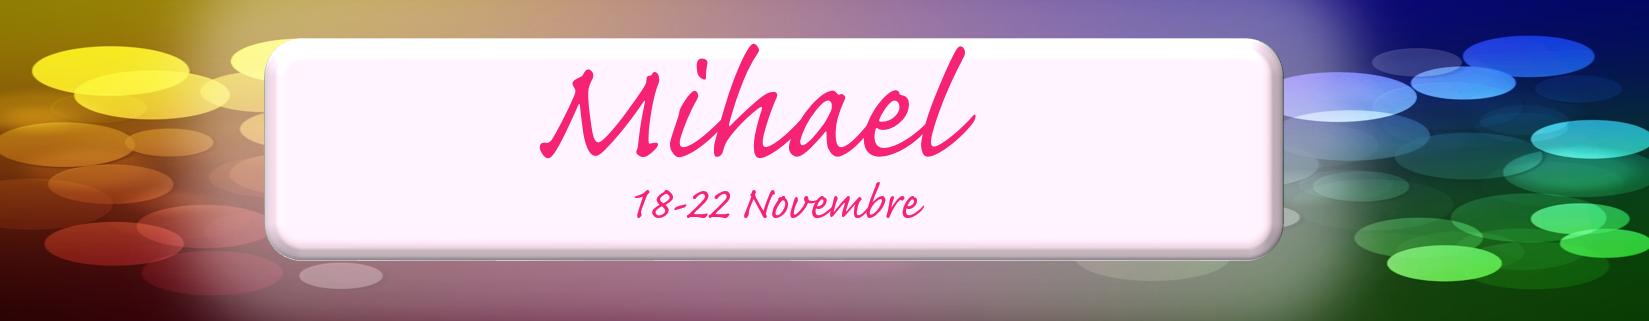 mihael